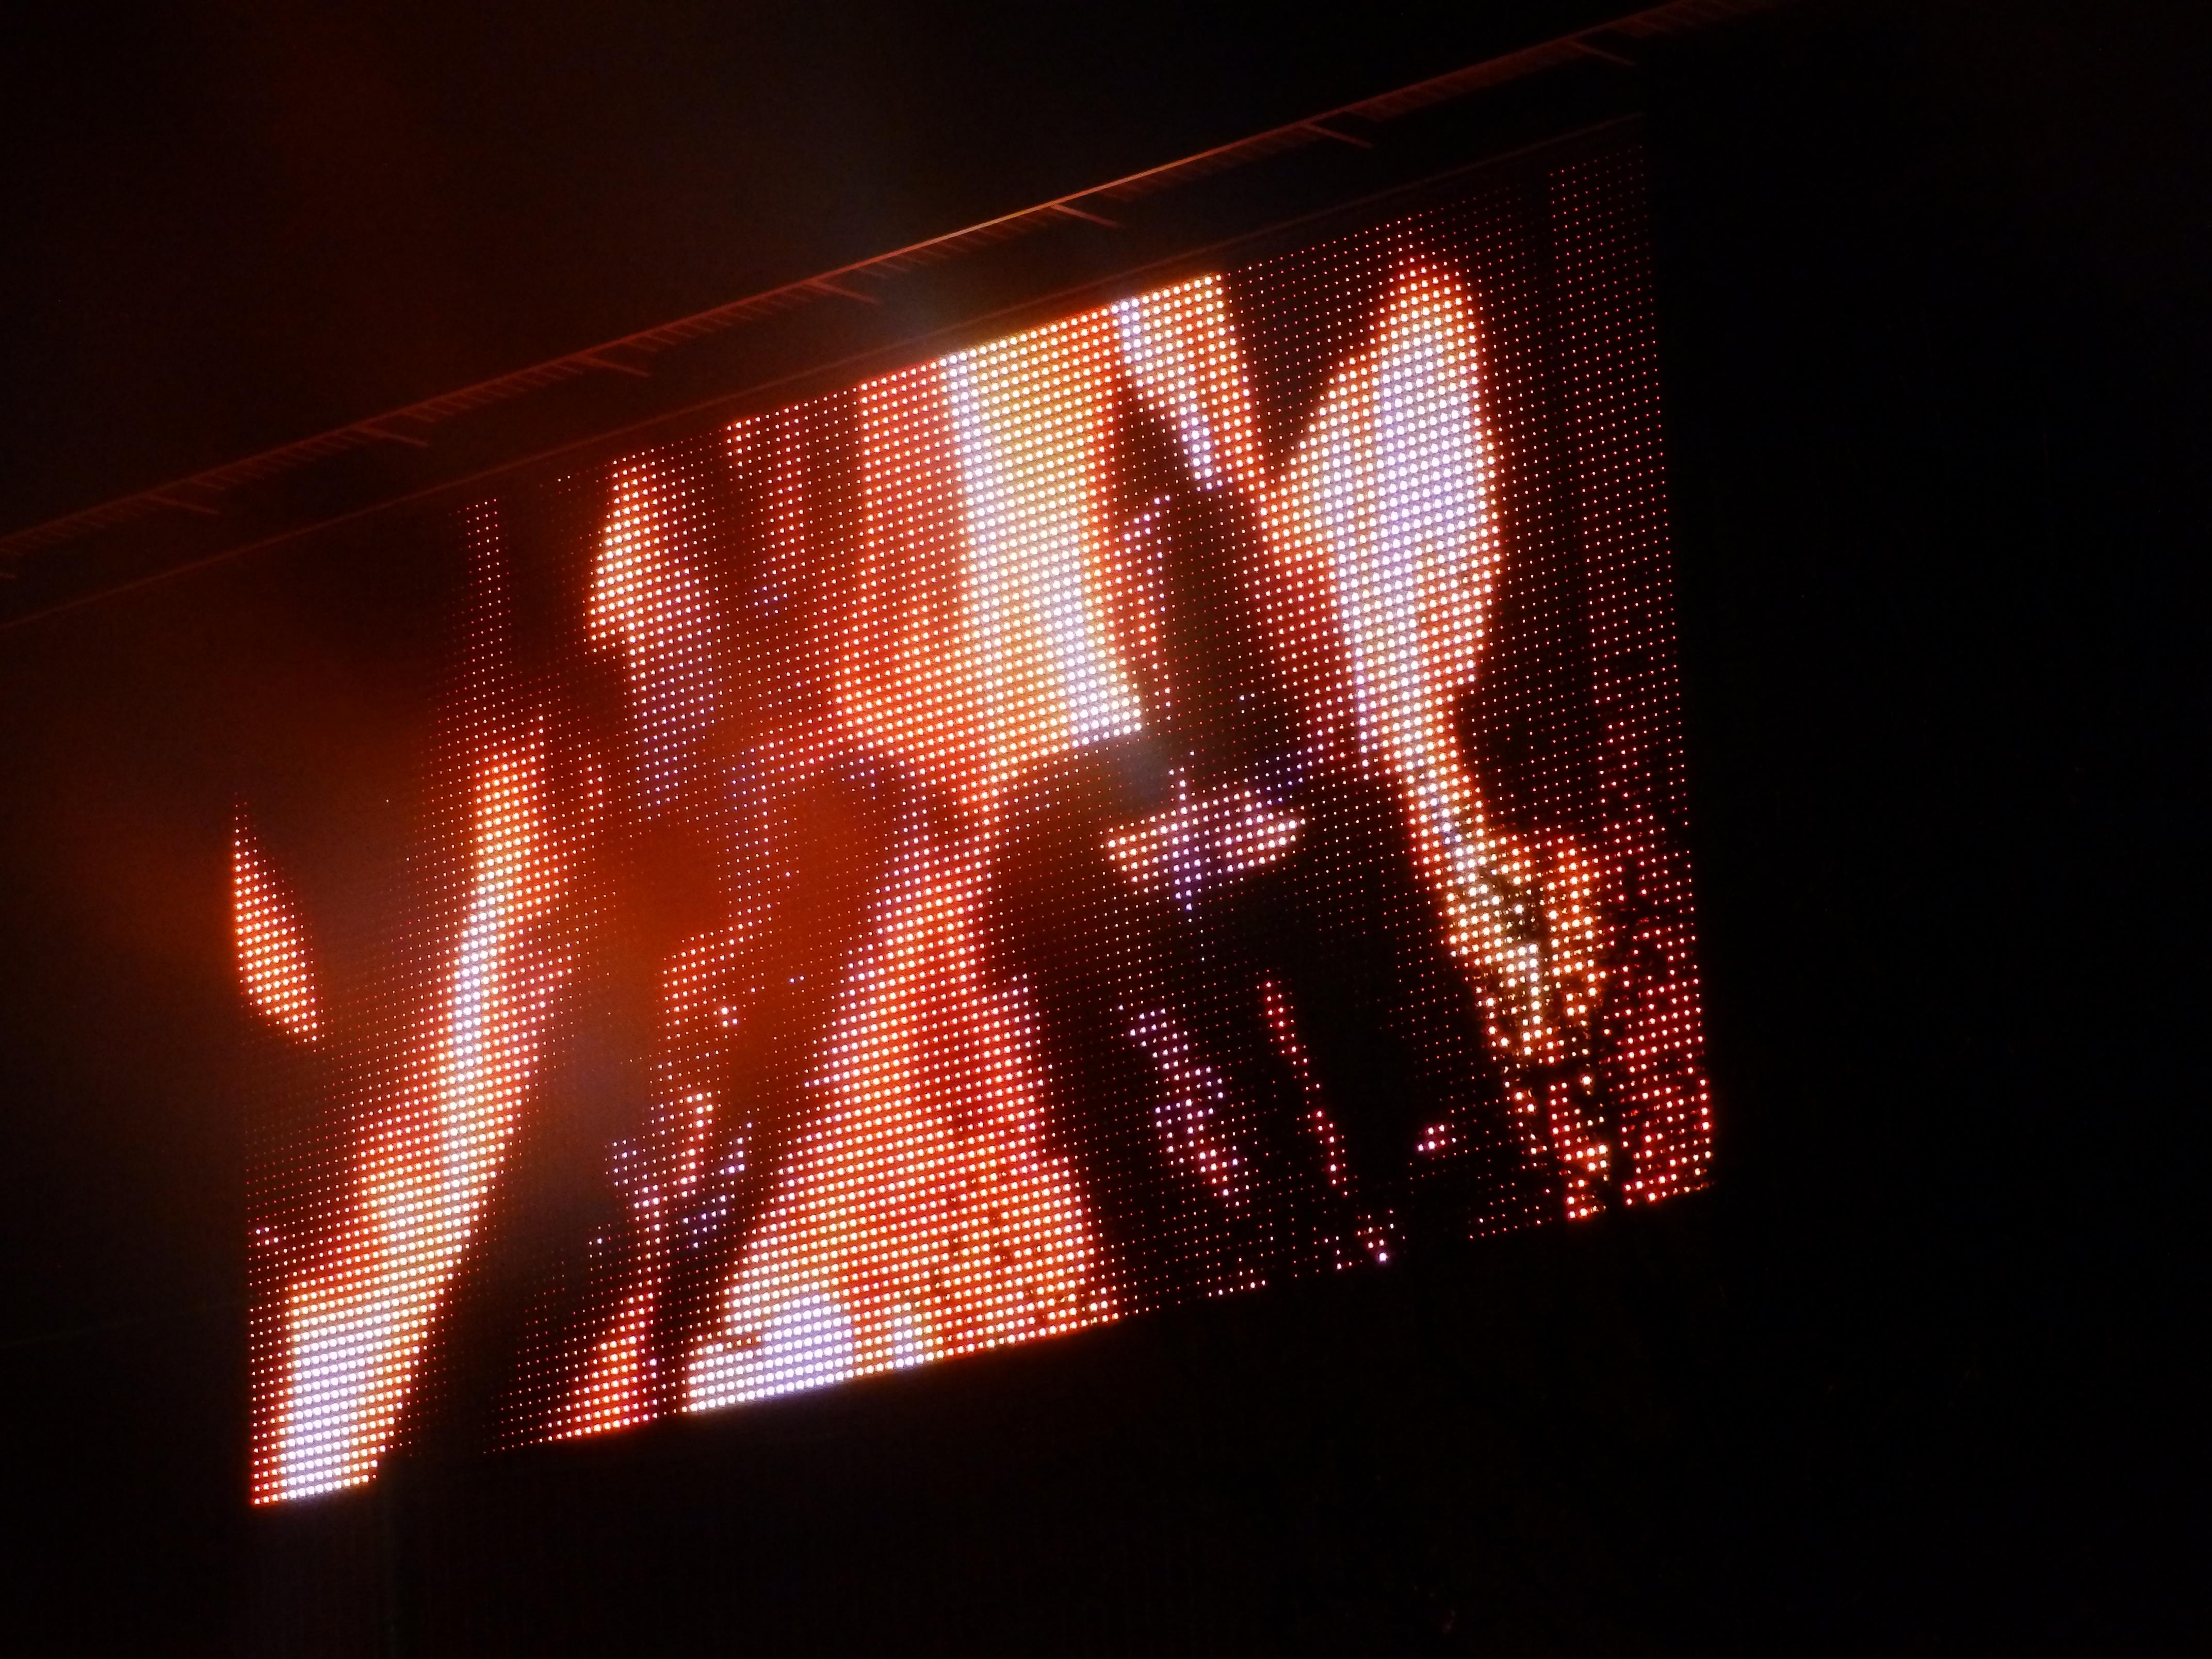 wie heiss wird kaminfeuer